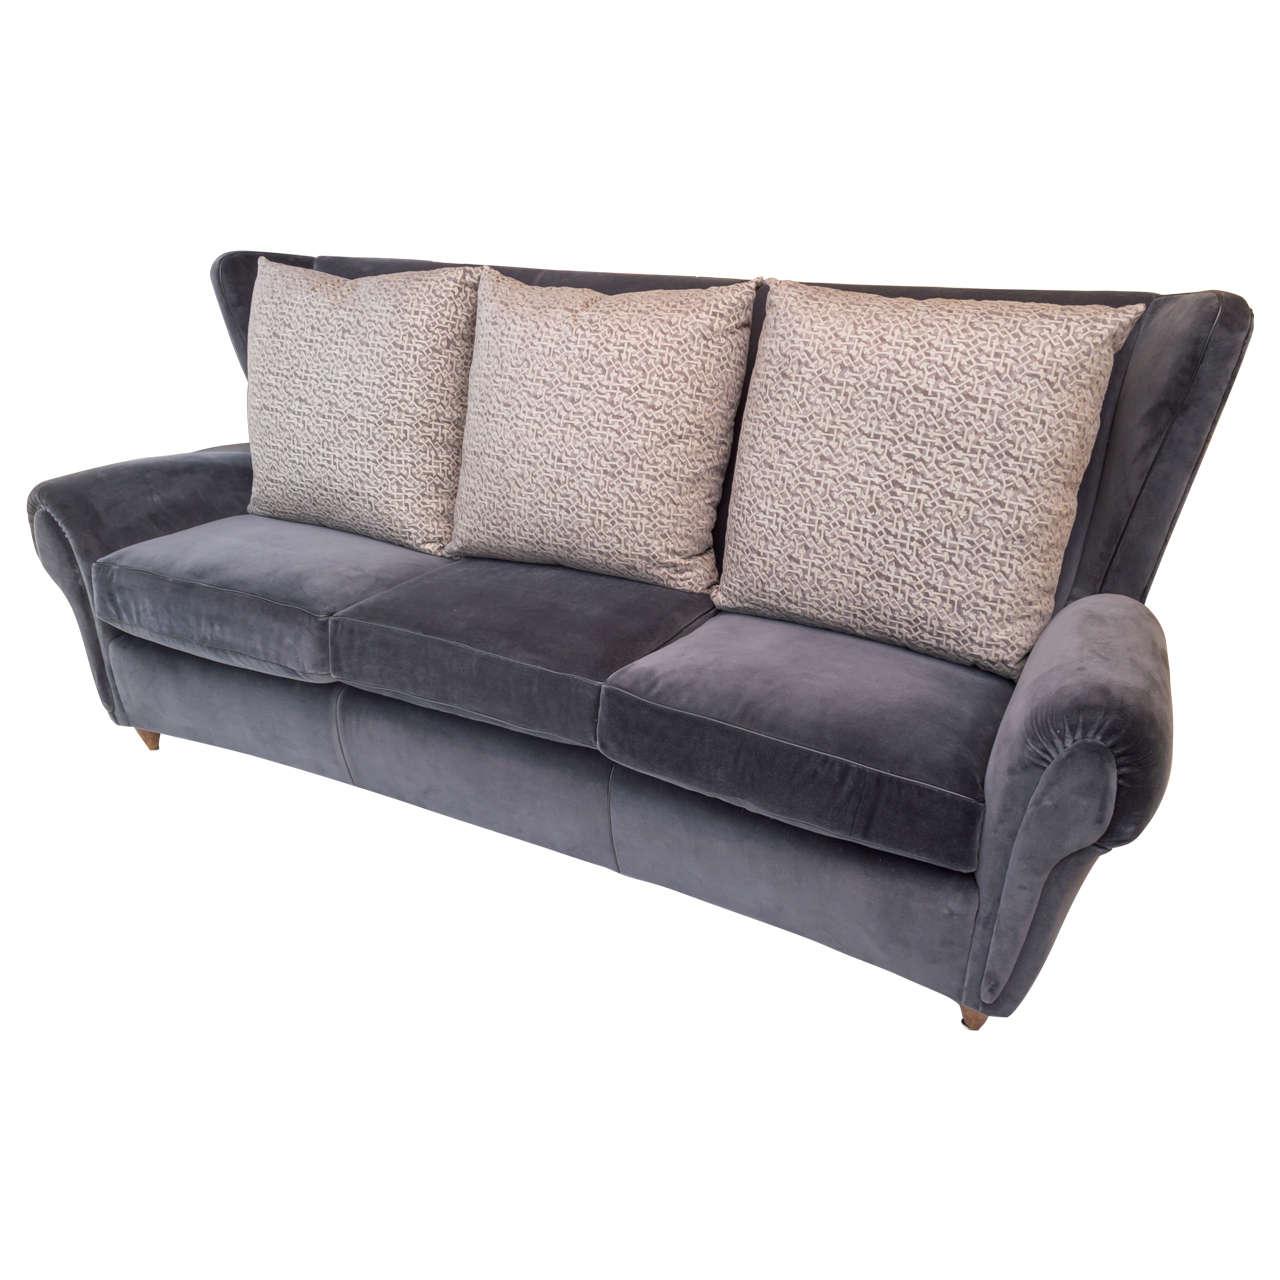 Italian Wingback Sofa For